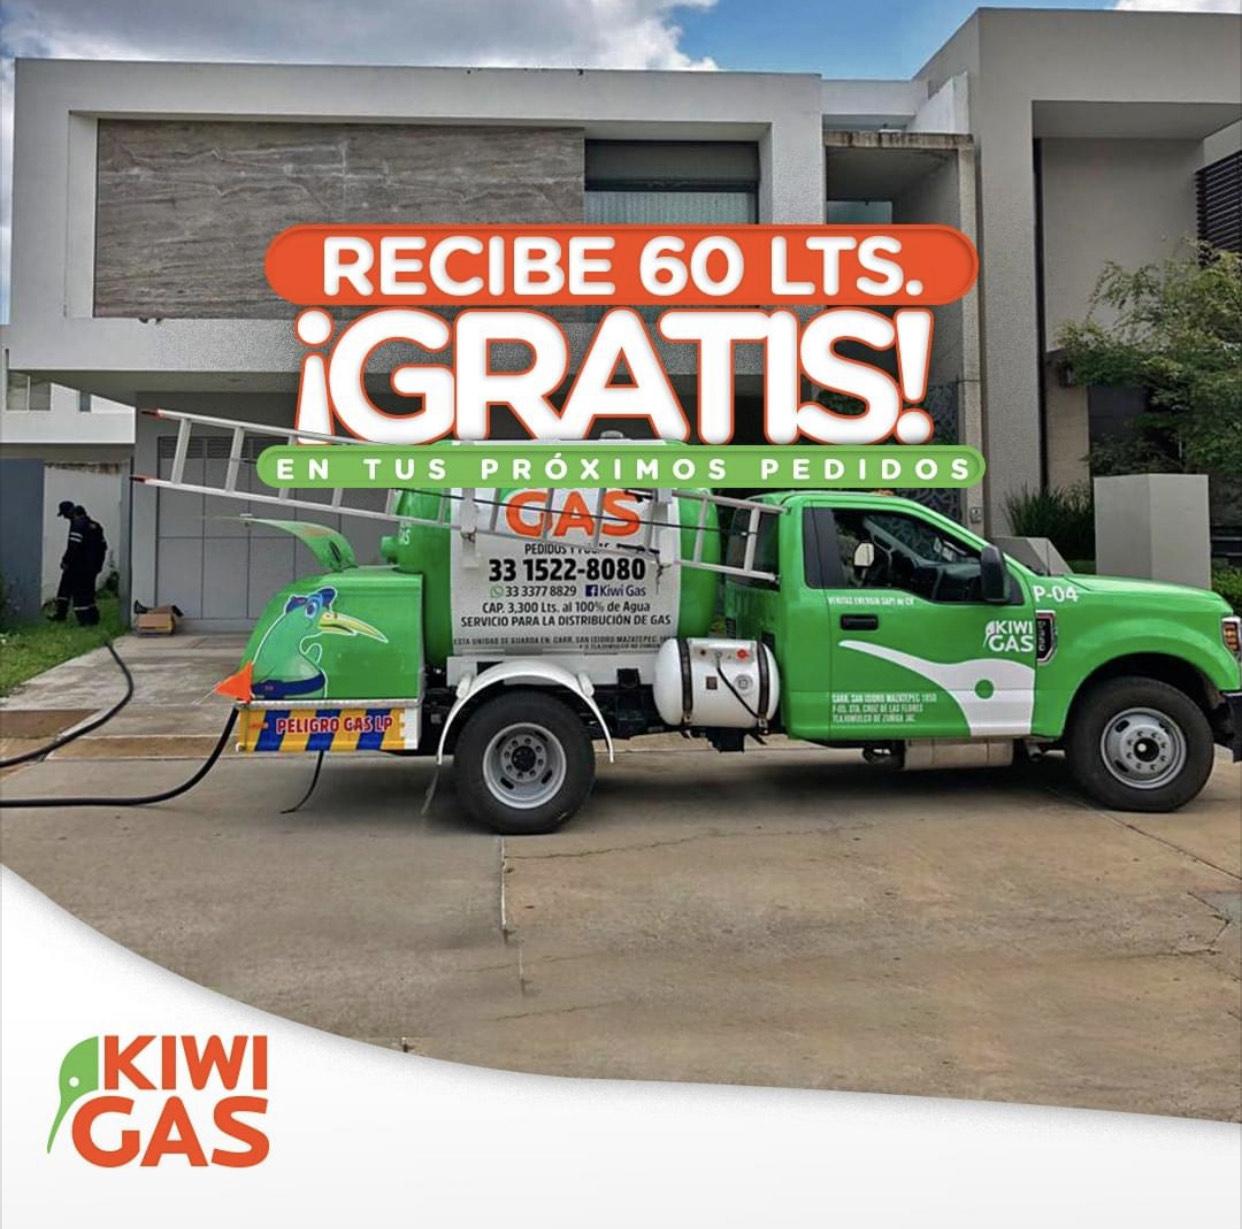 Kiwi Gas: 60 Litros de Gas Gratis